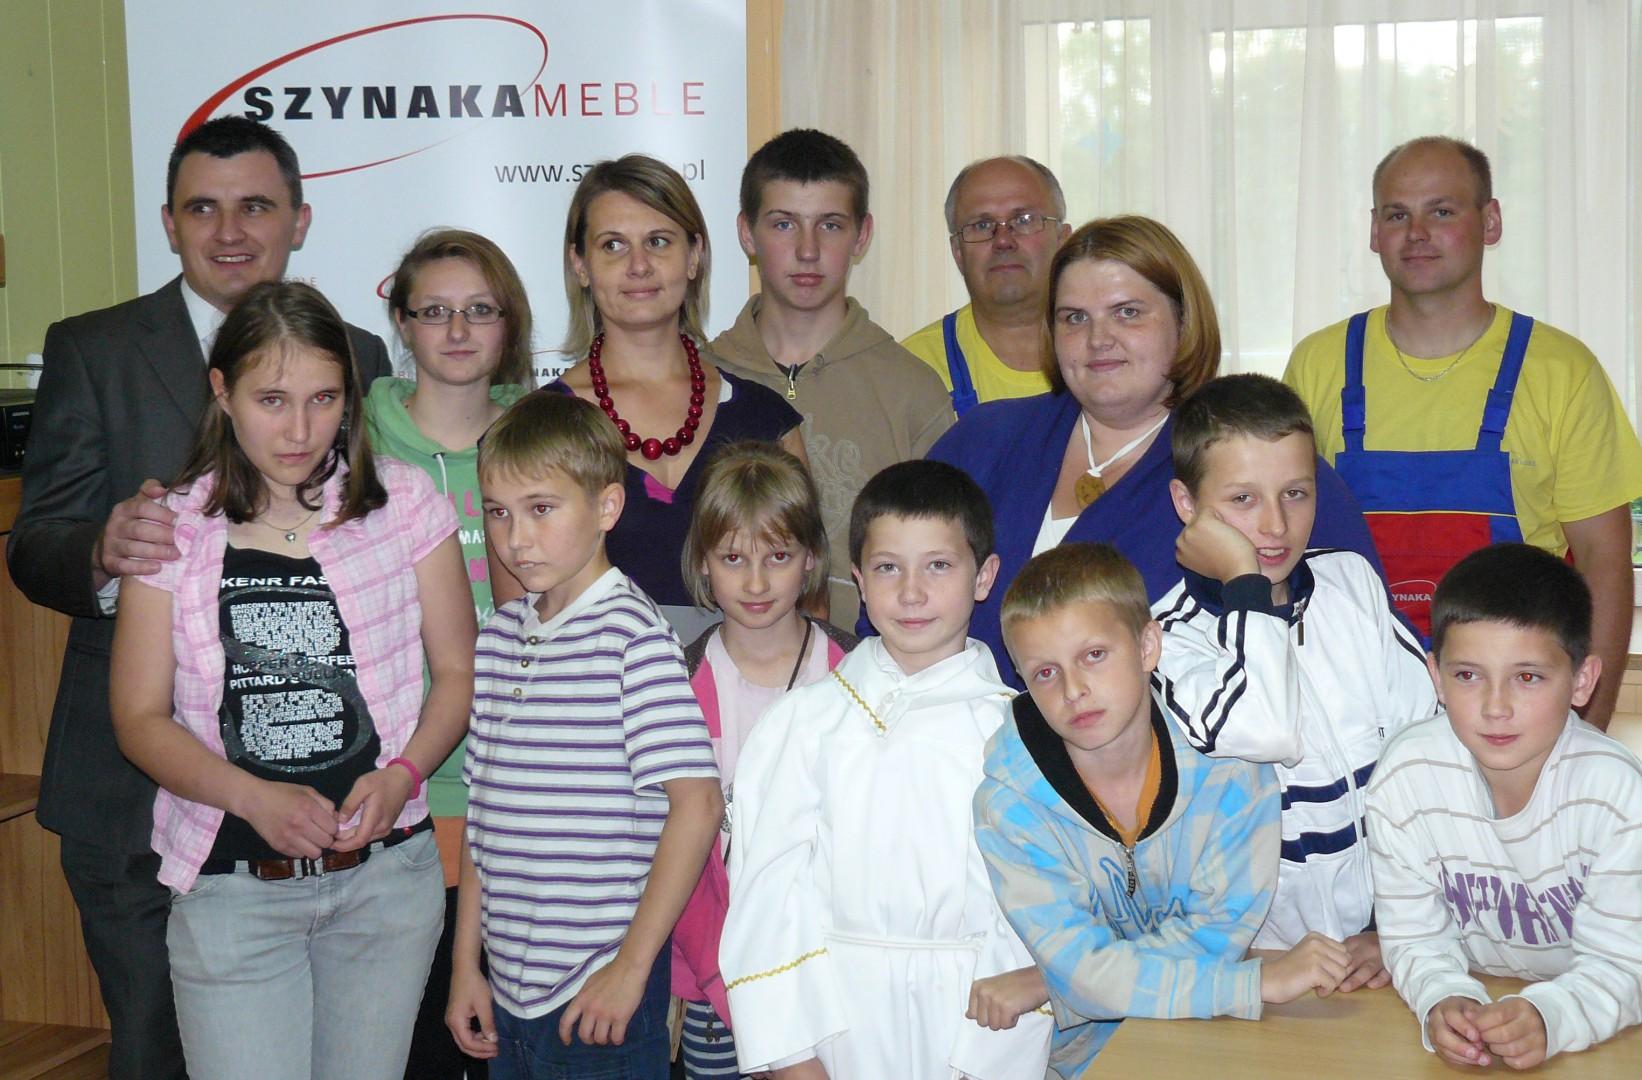 Wychowankowie Domu Dziecka w Supraślu z opiekunkami i pracownikami firmy Szynaka Meble.